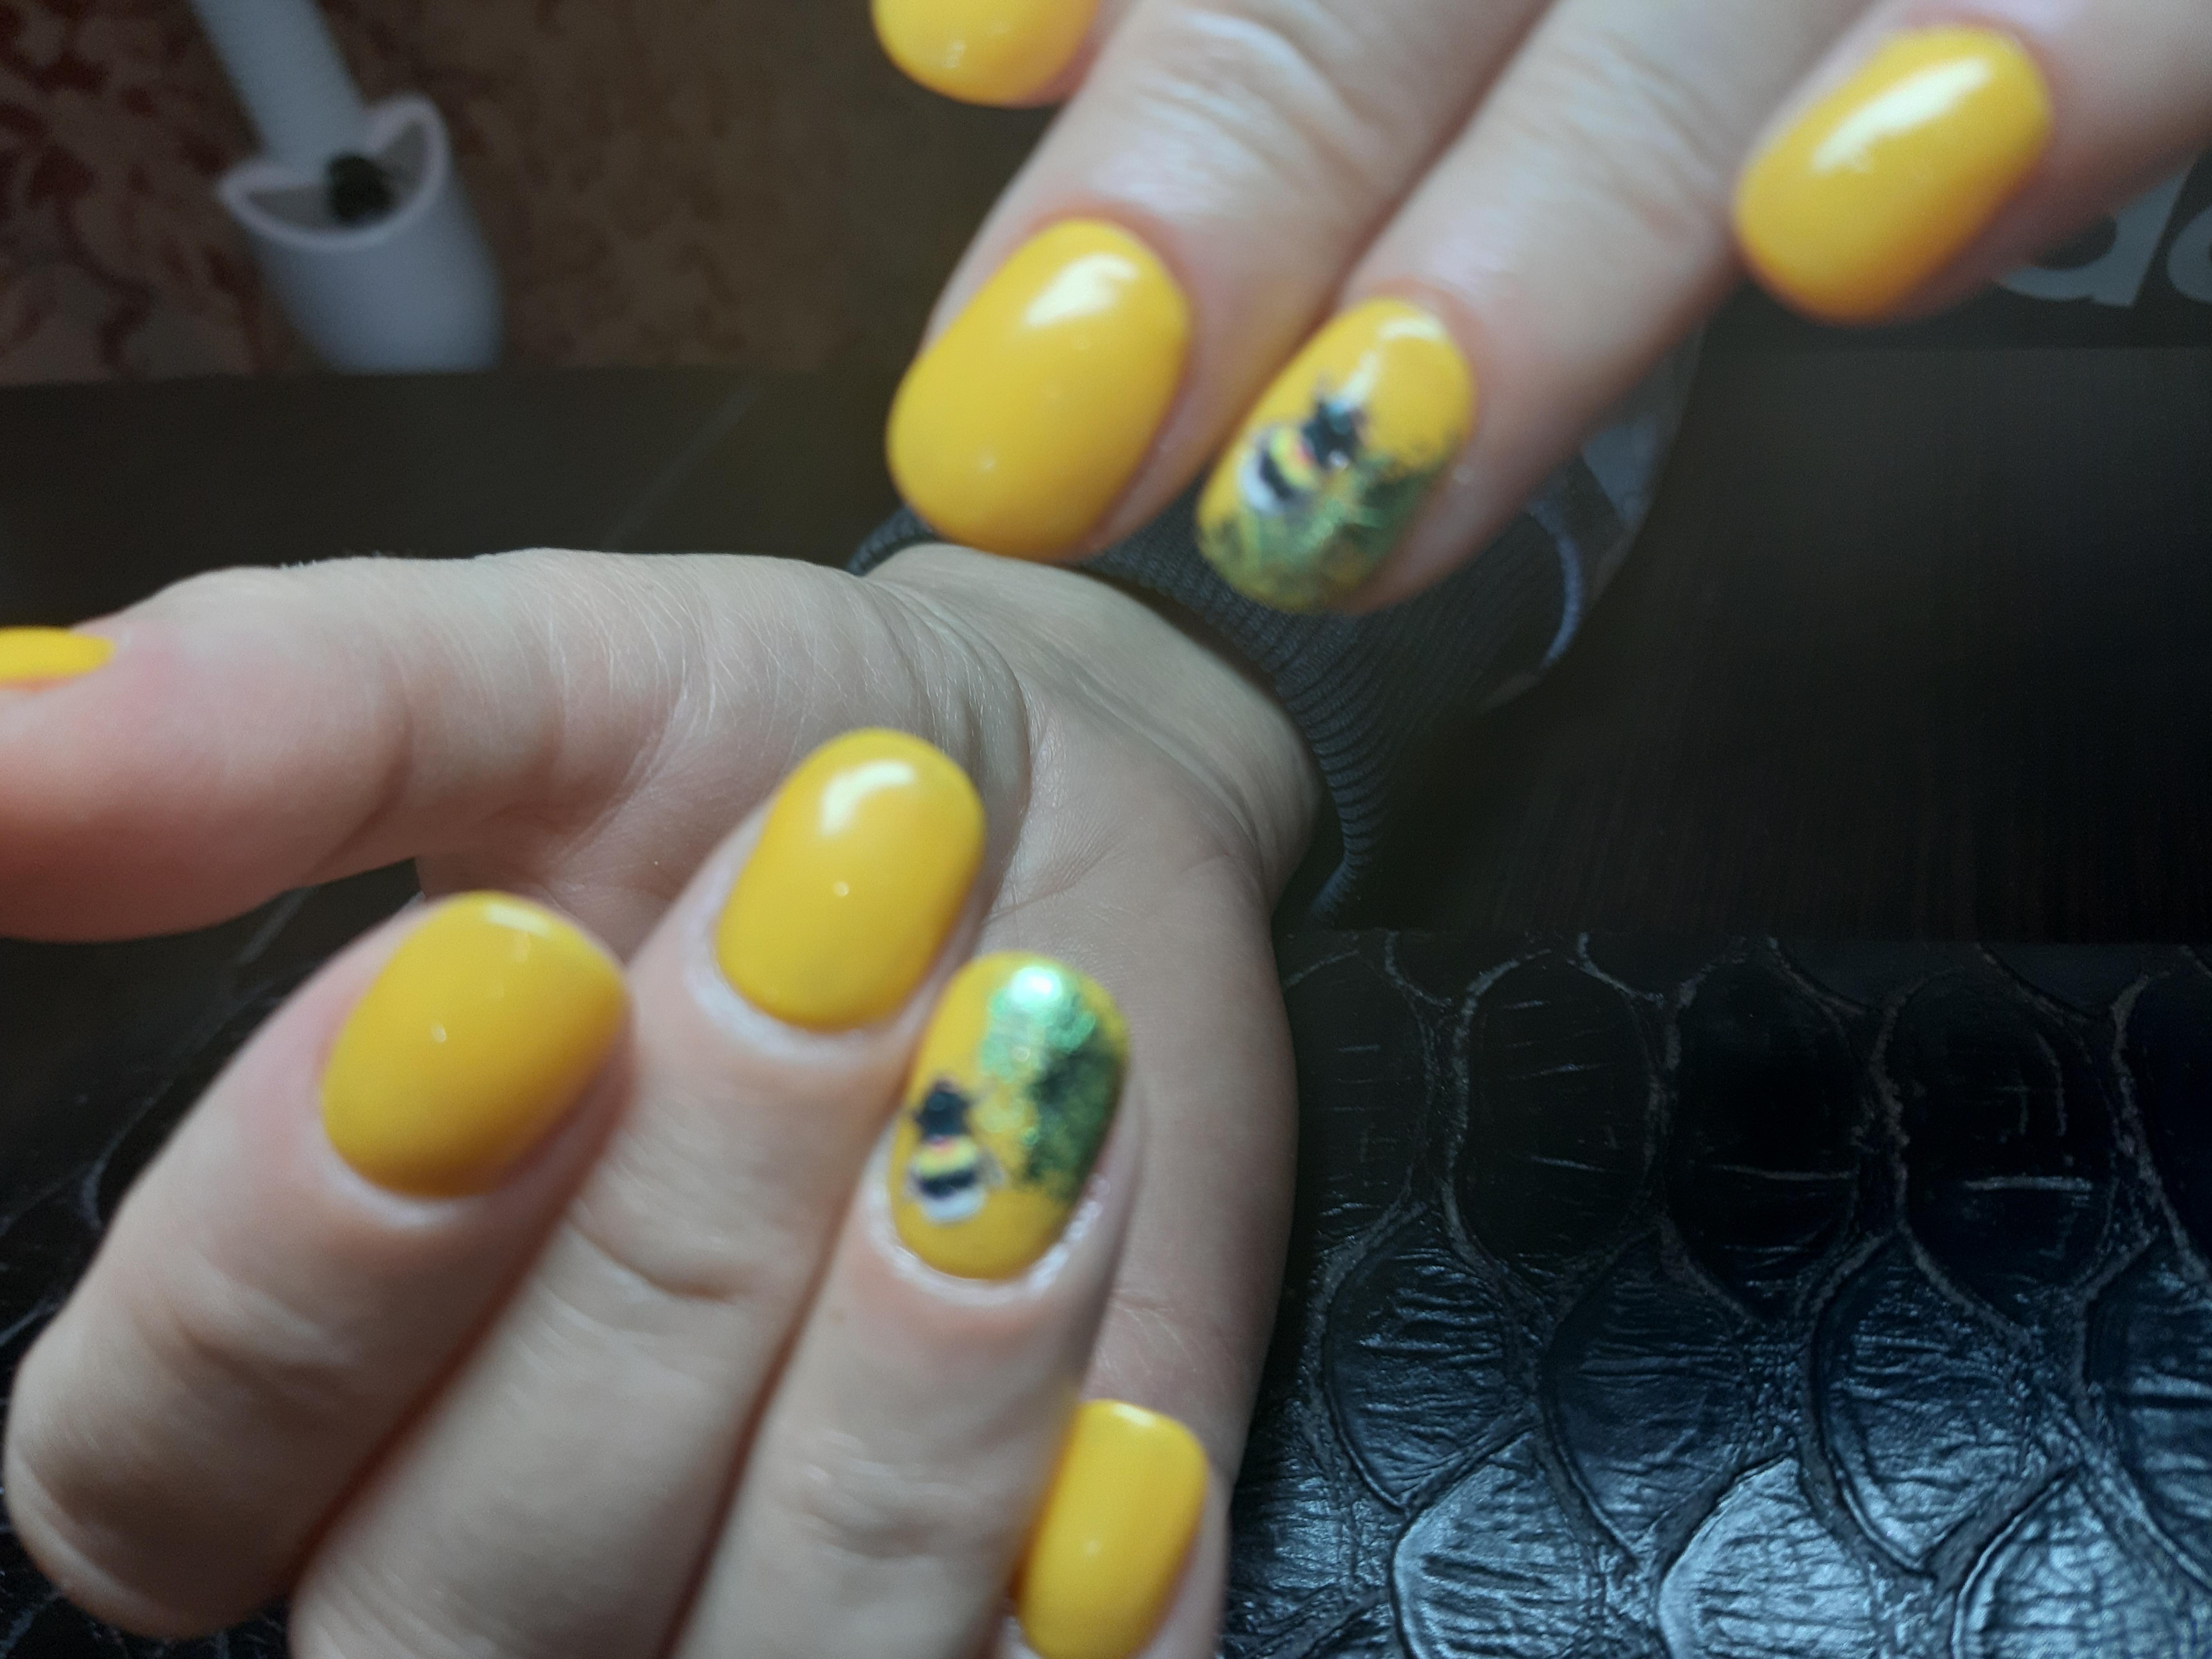 Маникюр с пчелой в желтом цвете на короткие ногти.